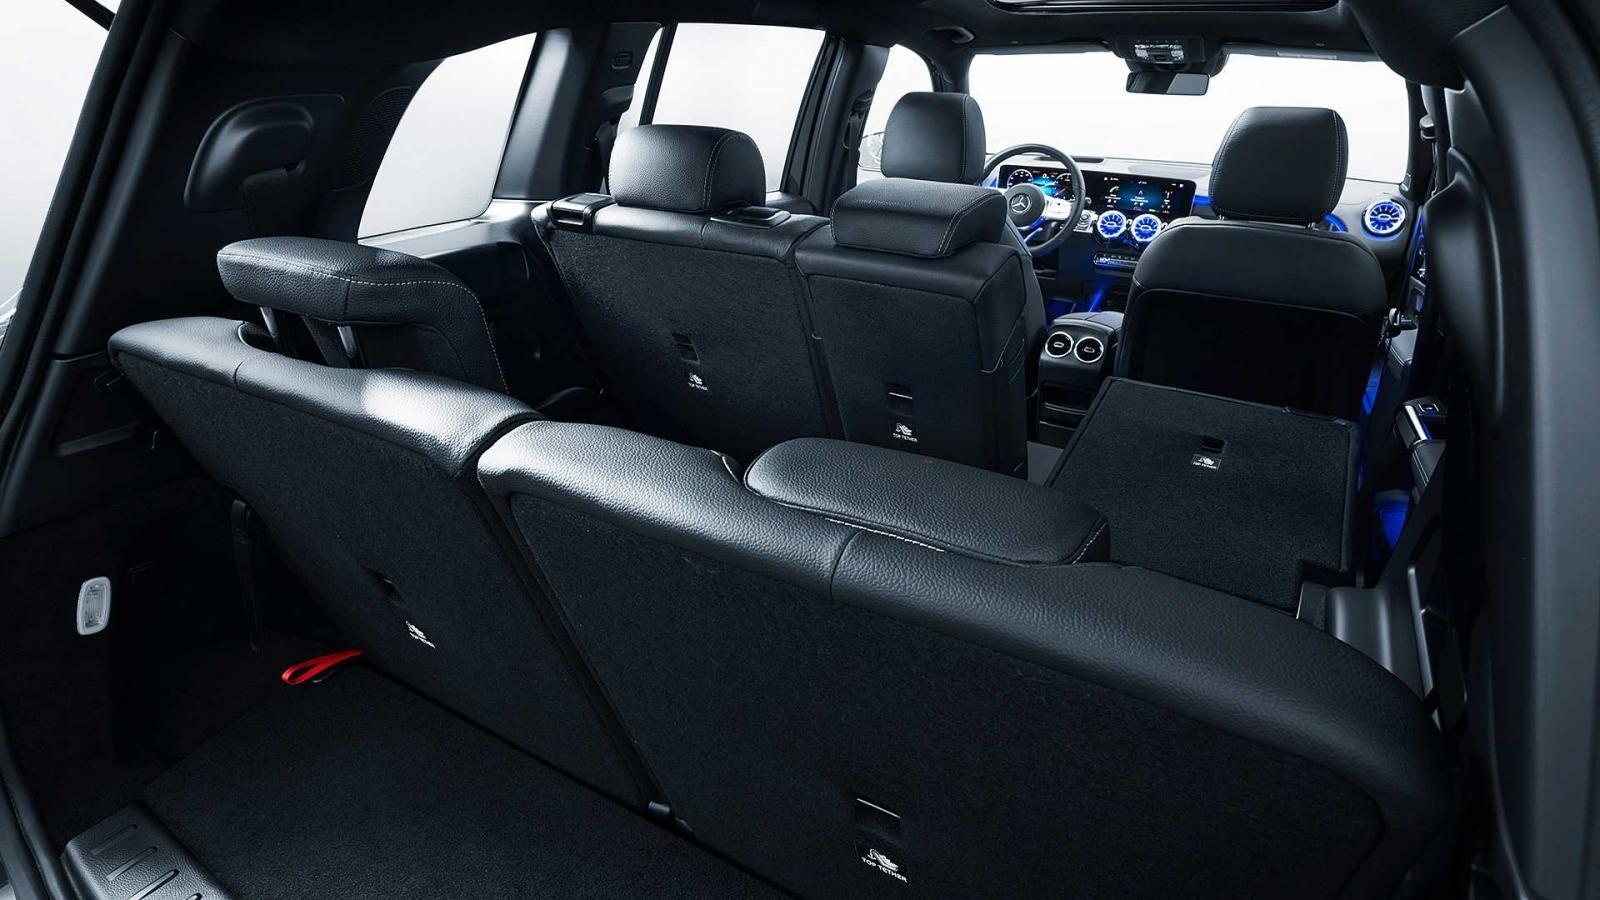 Nội thất bên trong Mercedes-Benz GLB 2020 phiên bản 7 chỗ